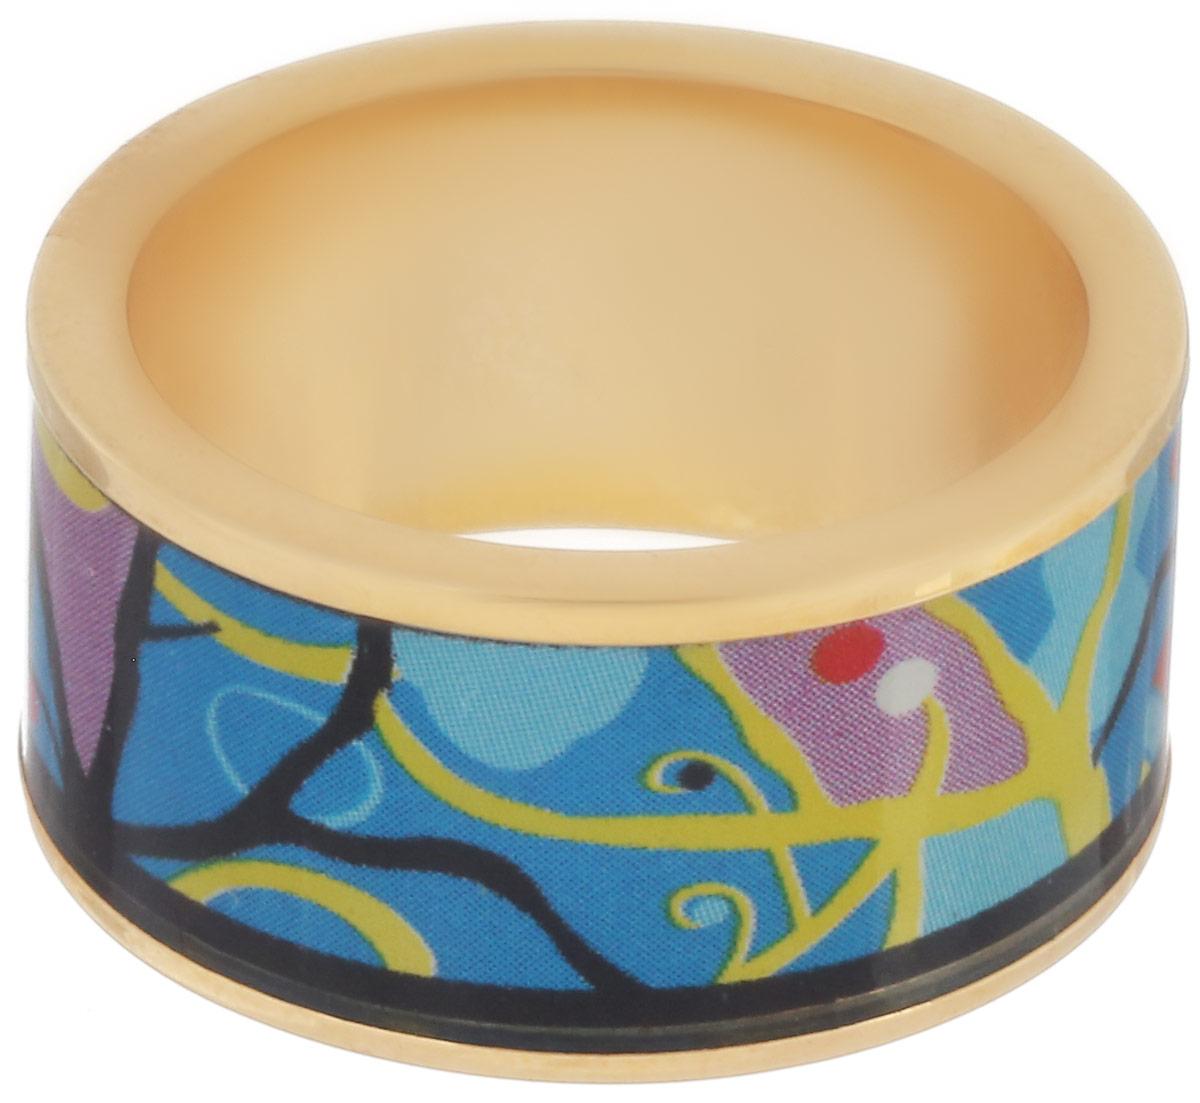 Кольцо Art-Silver, цвет: золотой, черный, голубой. ФК109-320. Размер 17,5ФК109-320Стильное кольцо Art-Silver изготовлено из бижутерного сплава с покрытием под золото. Изделие оформлено оригинальным принтом и покрыто эмалью. Стильное кольцо придаст вашему образу изюминку и подчеркнет индивидуальность.